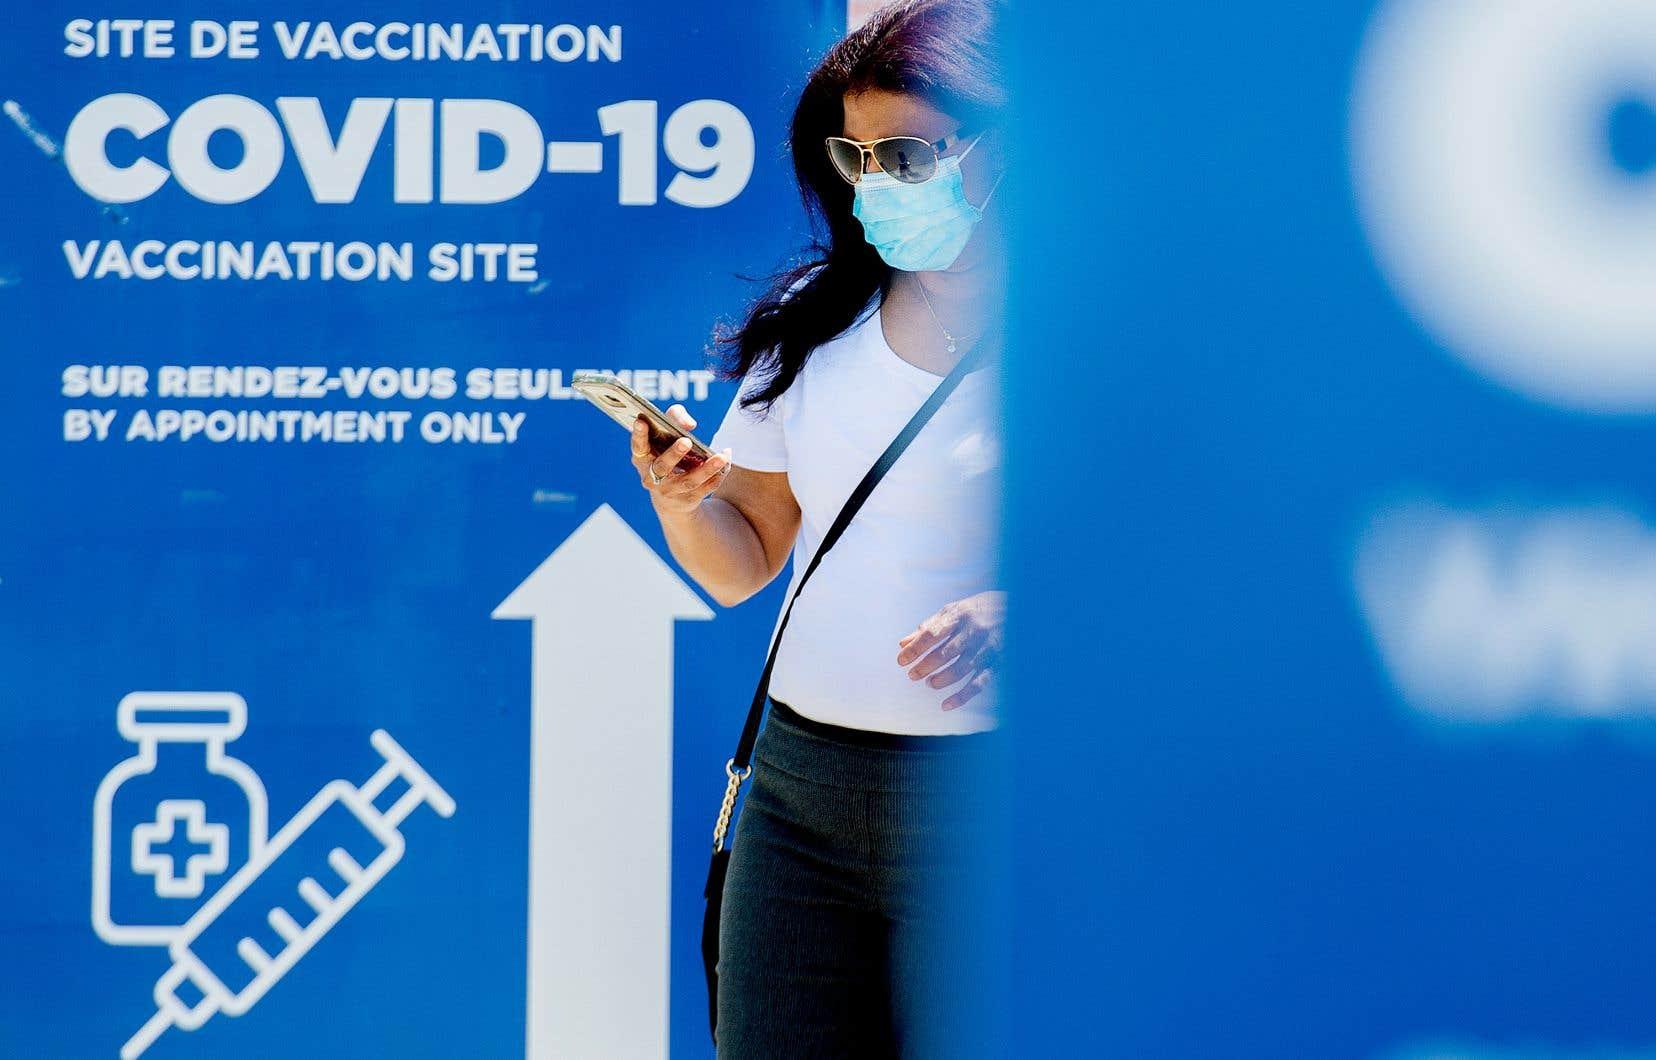 Rappelons qu'au tout début de la campagne de vaccination, devant la rareté des doses de vaccin, les autorités sanitaires du Québec avaient décidé de retarder l'administration de la seconde dose afin de pouvoir offrir une protection vaccinale à un plus grand nombre de personnes vulnérables.